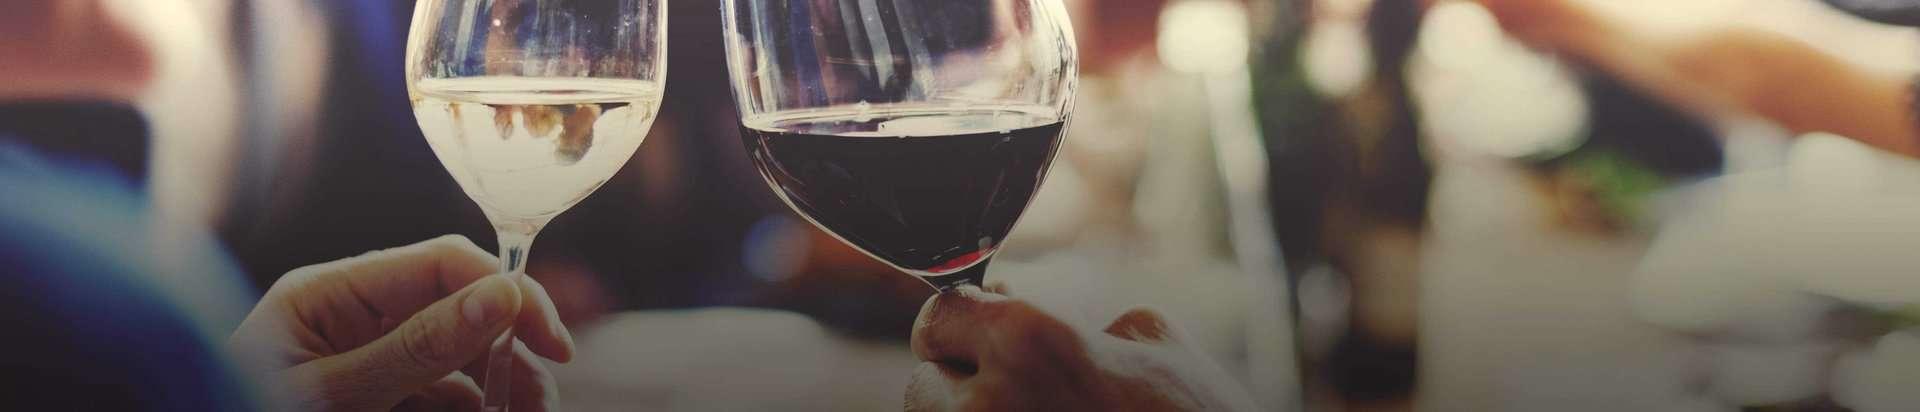 Wine & Spirits Wet Glue Labels Header